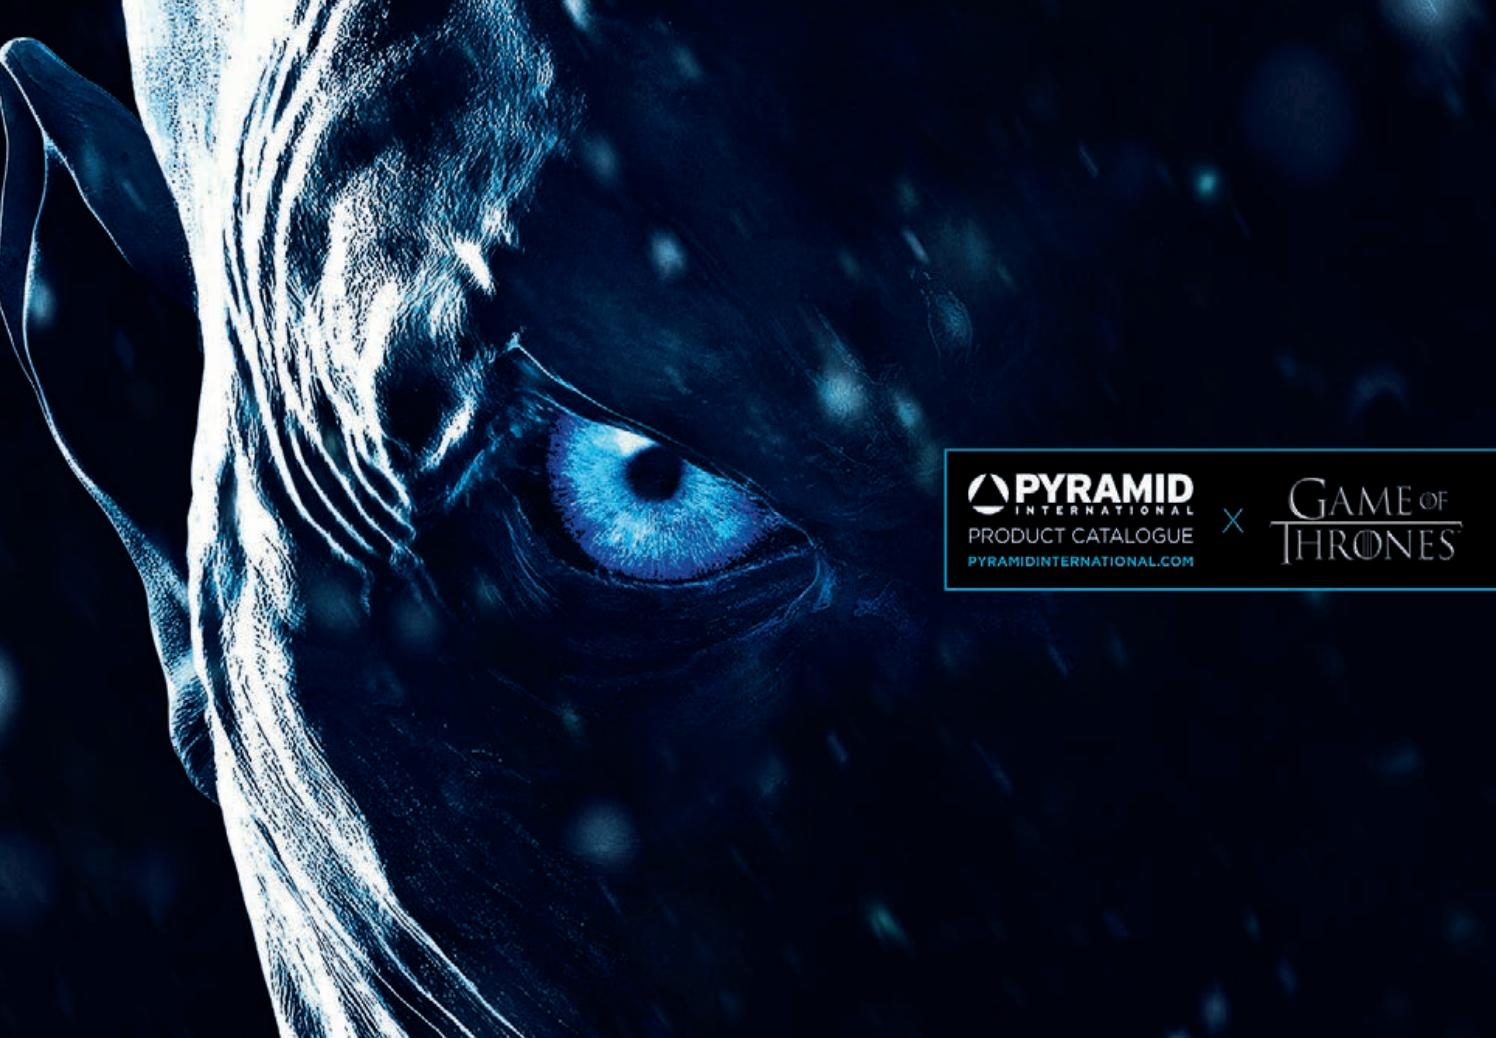 """/"""" Framed season 3 - Nightwatch Oath Pyramid International /""""game Of Thrones"""